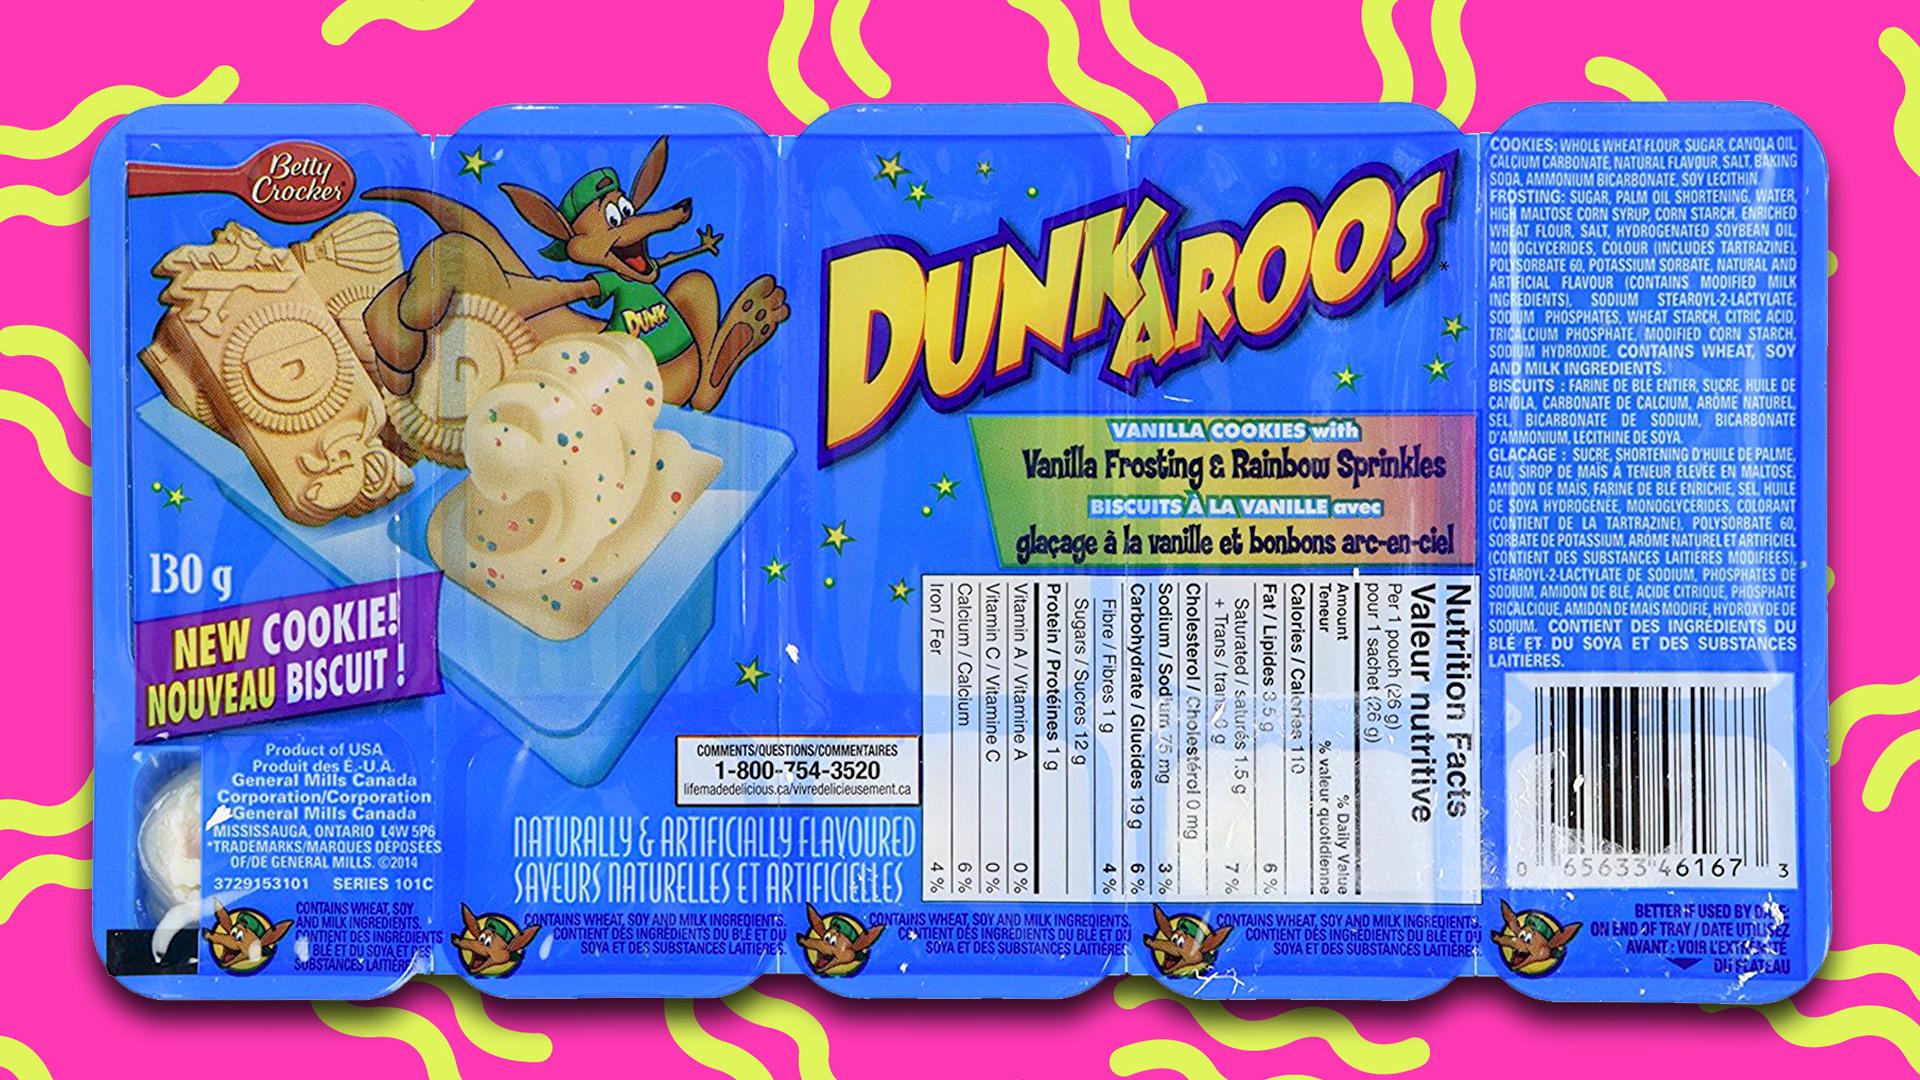 Dunkroos-snacks